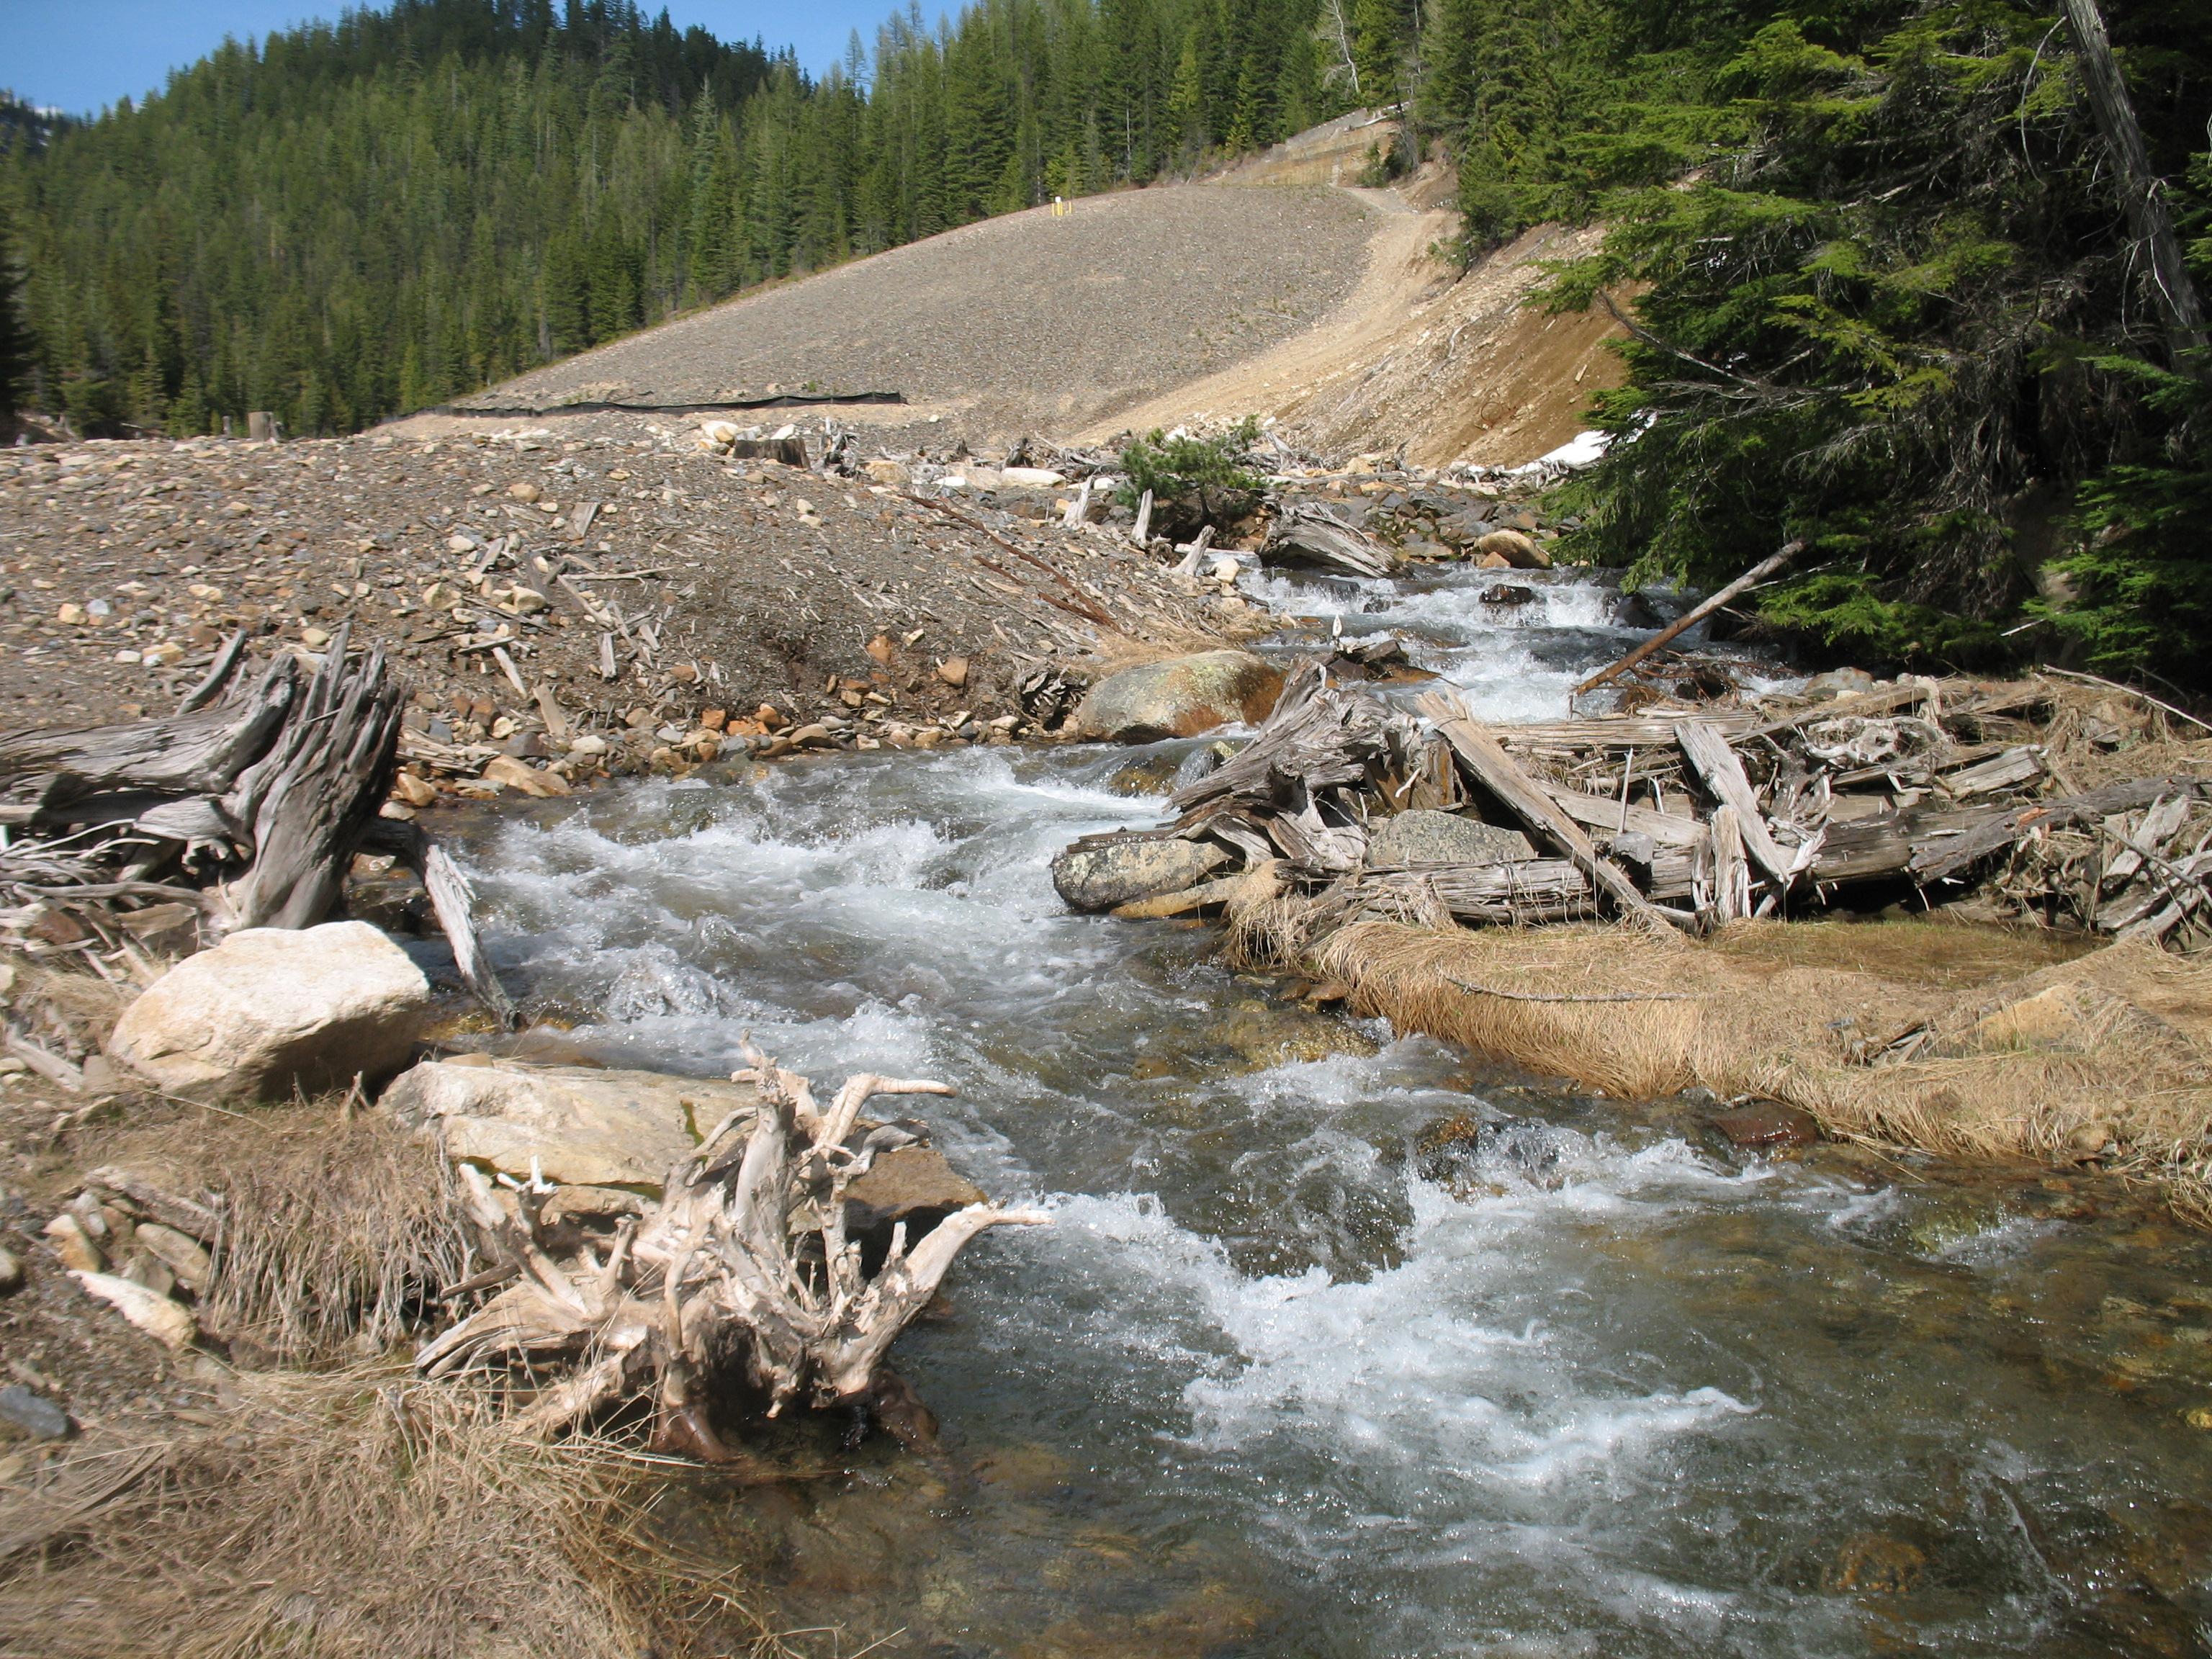 NM-510--Sample site looking upstream